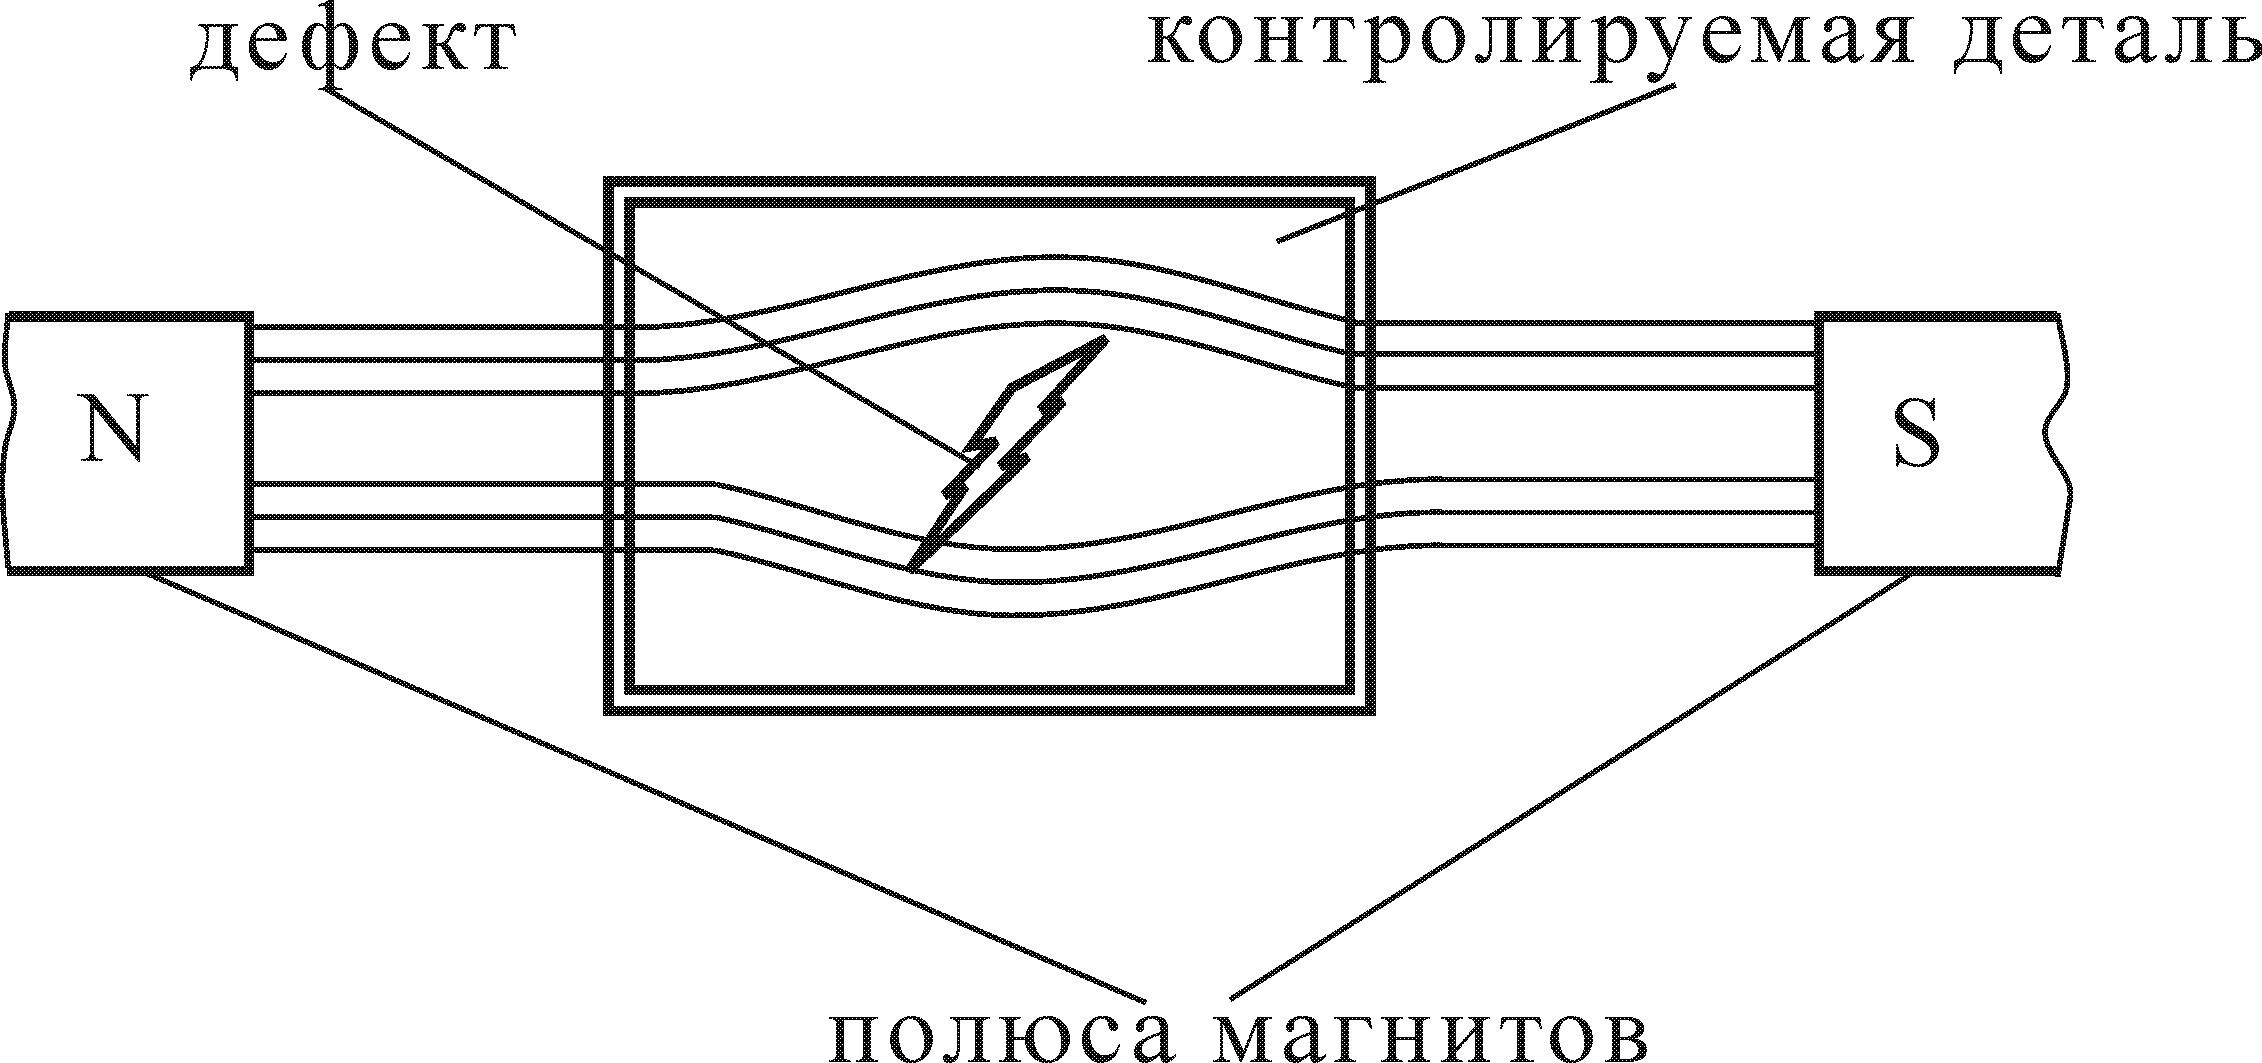 Схема образования магнитного поля над дефектом